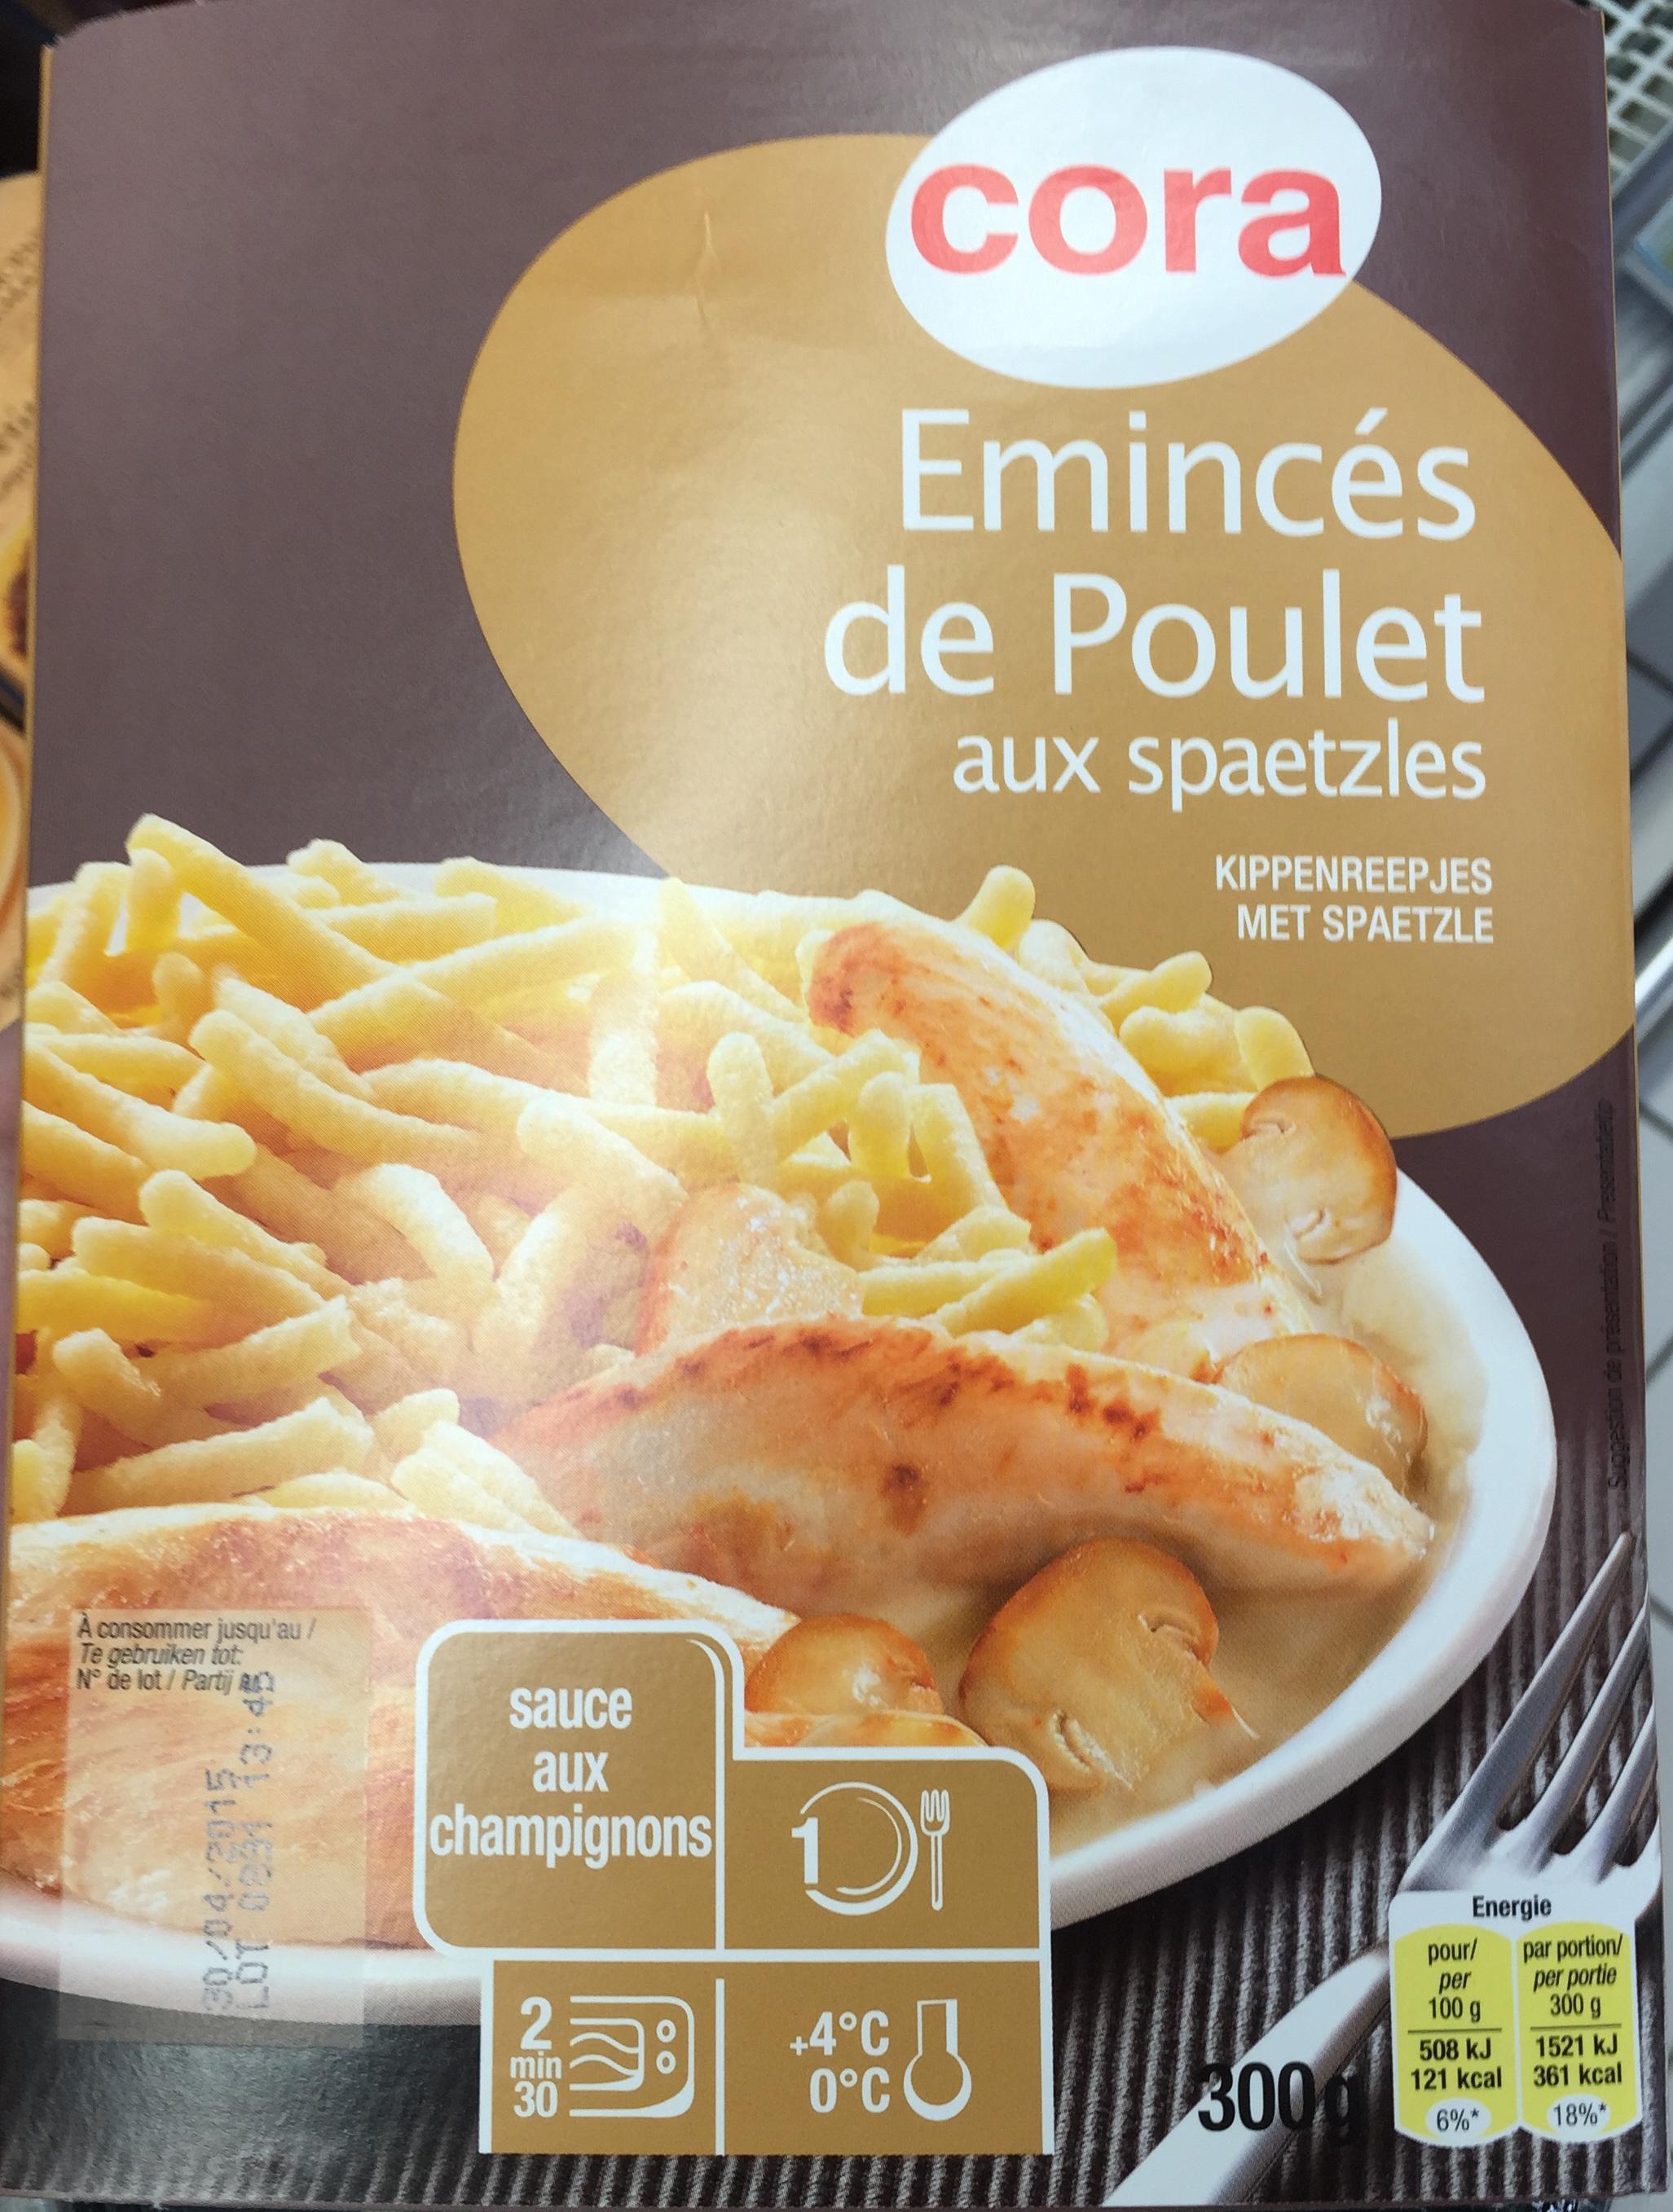 Émincés de Poulet aux spaetzles, sauce aux champignons - Product